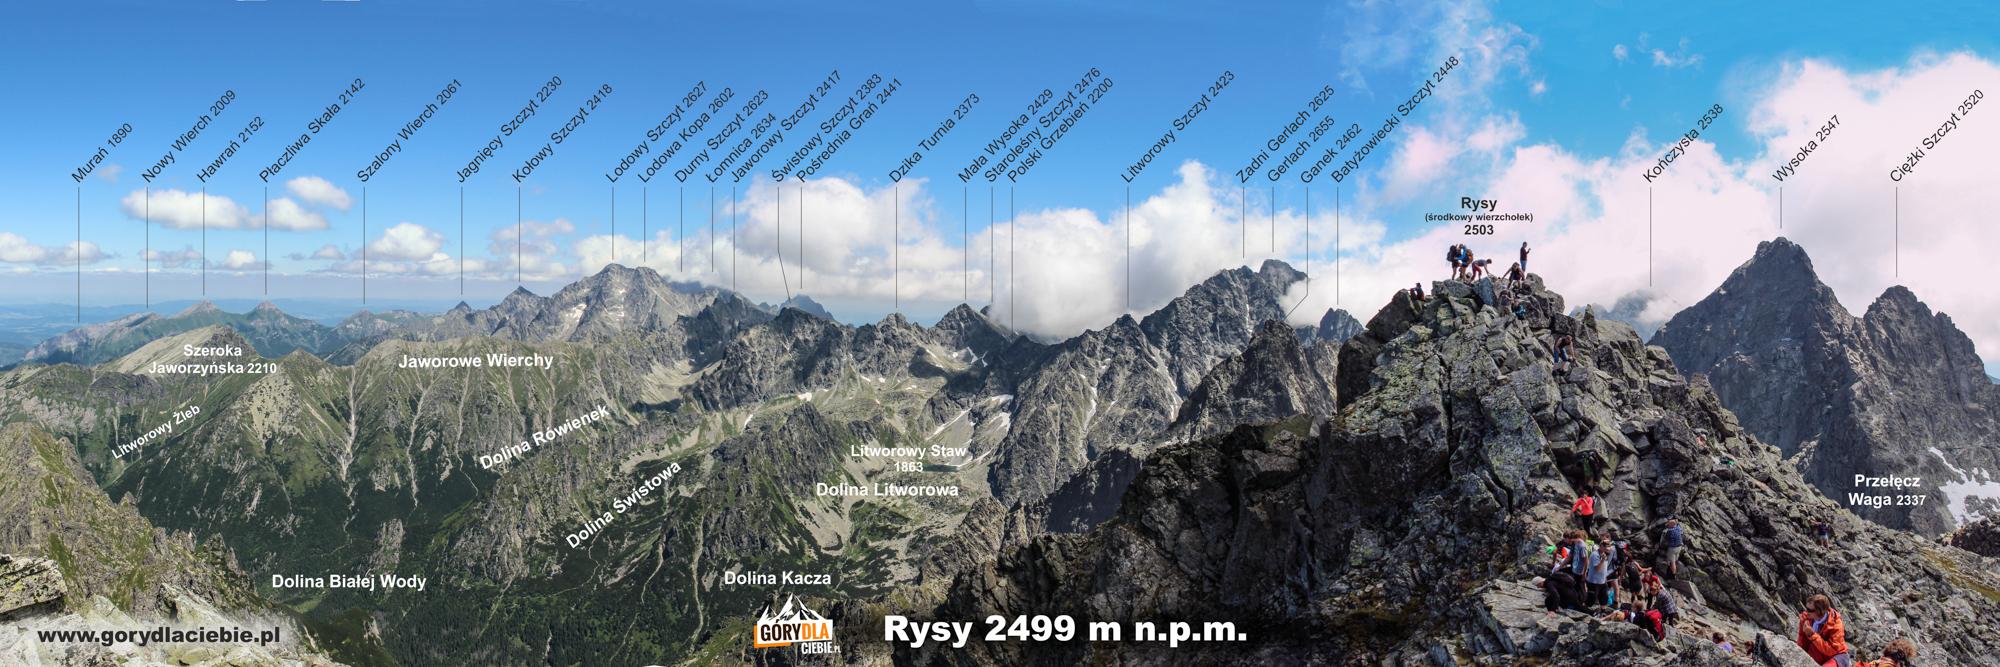 Panorama zeszczytu Rysów wkierunku wschodnim